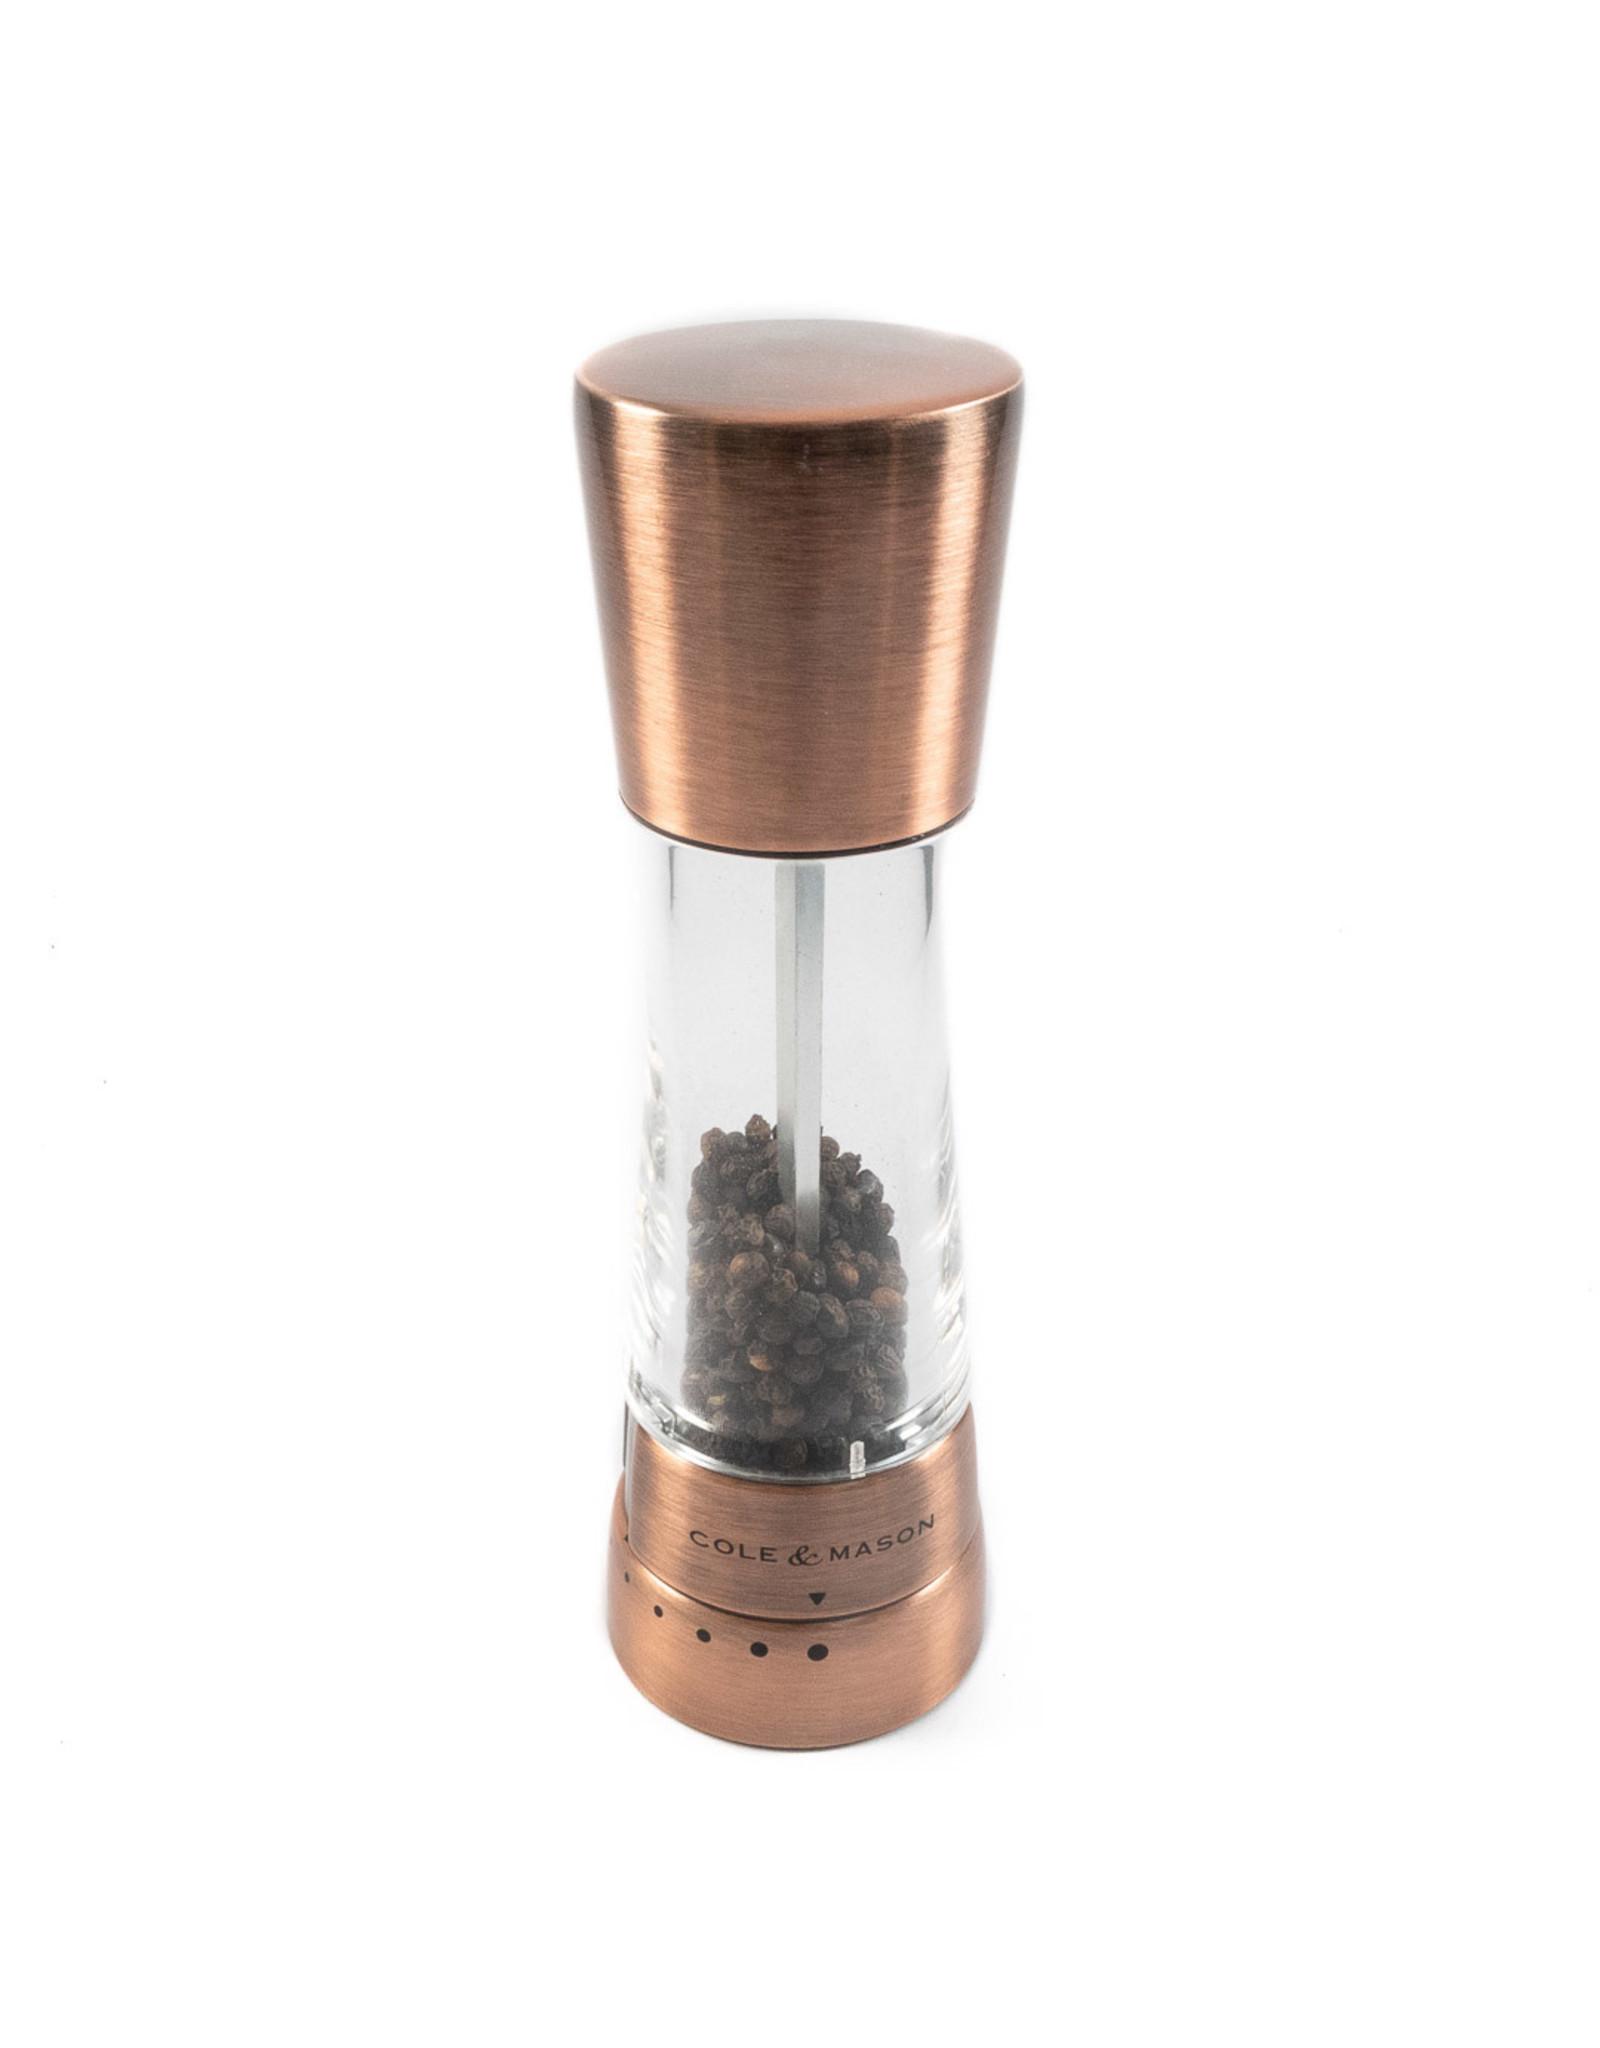 Cole & Mason Cole & Mason - Gourmet Precision Mill - Copper Finish